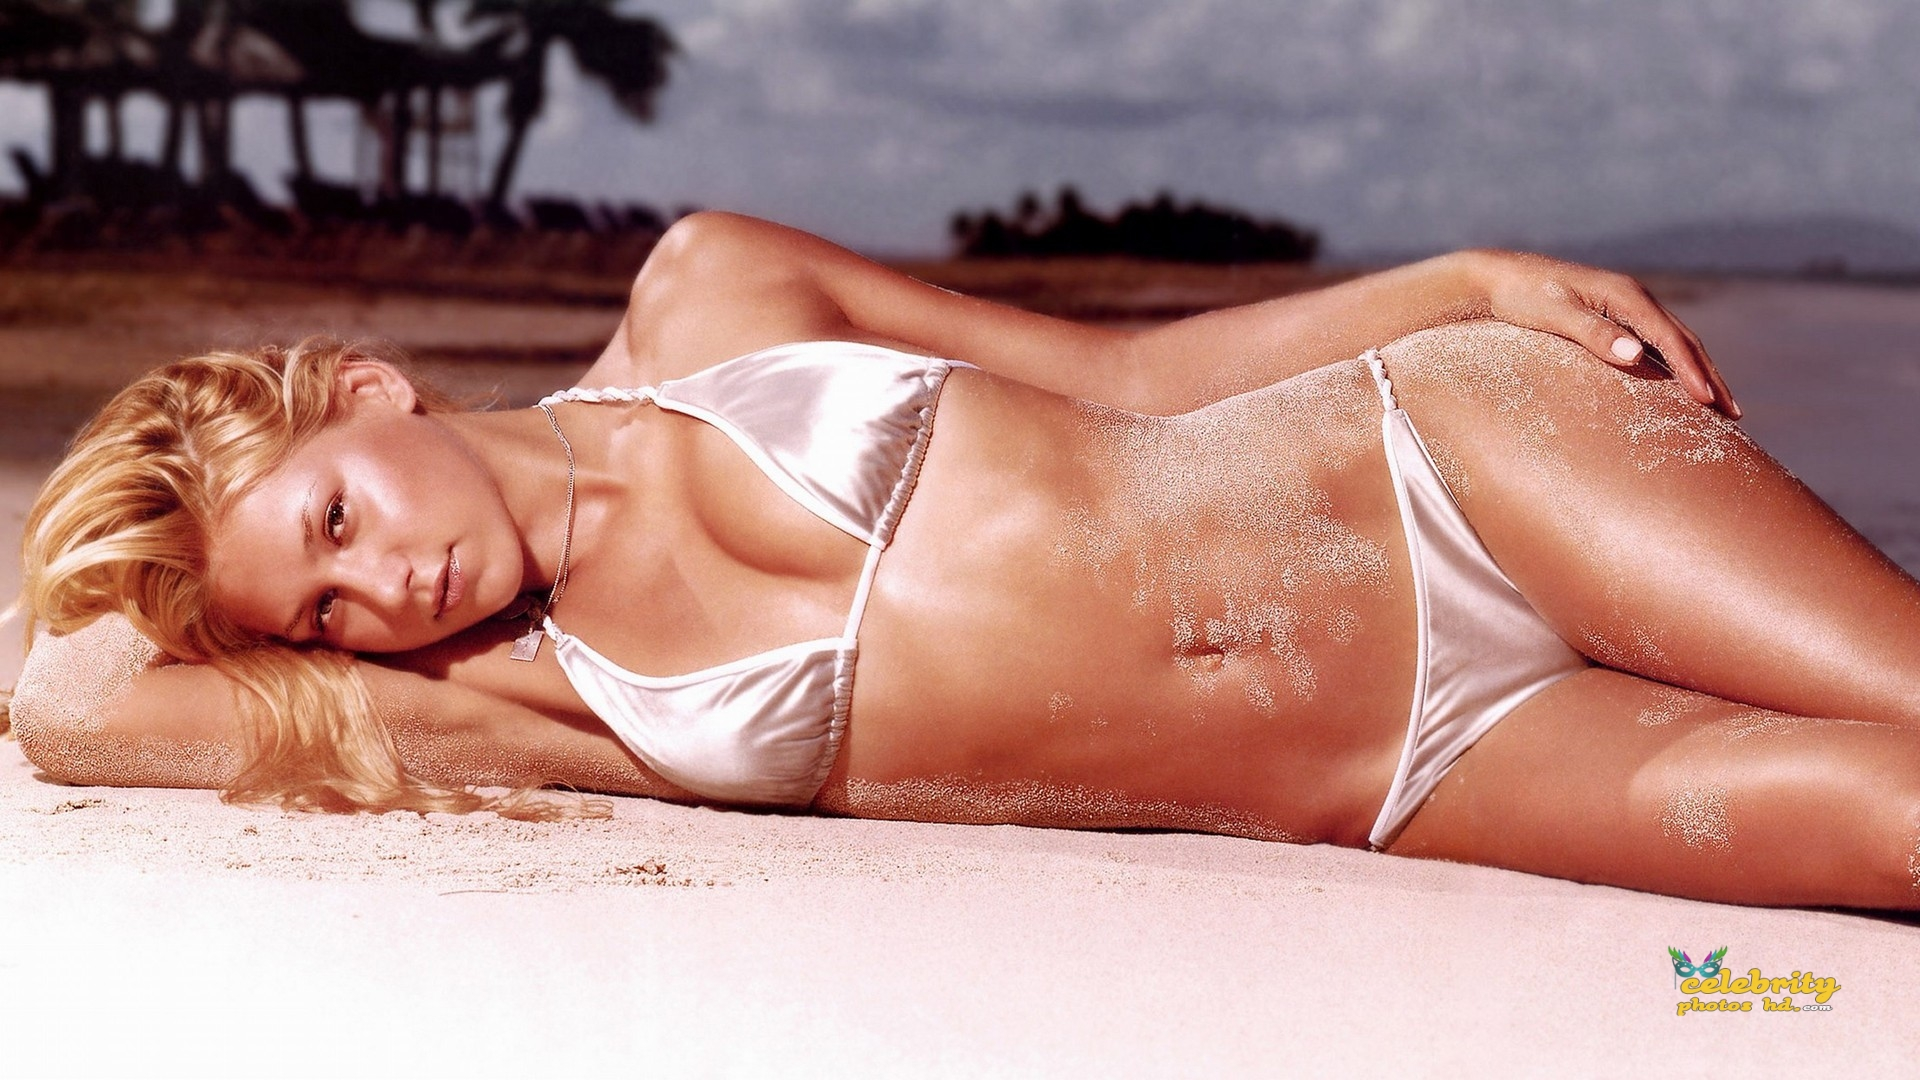 anna-kournikova-bikini